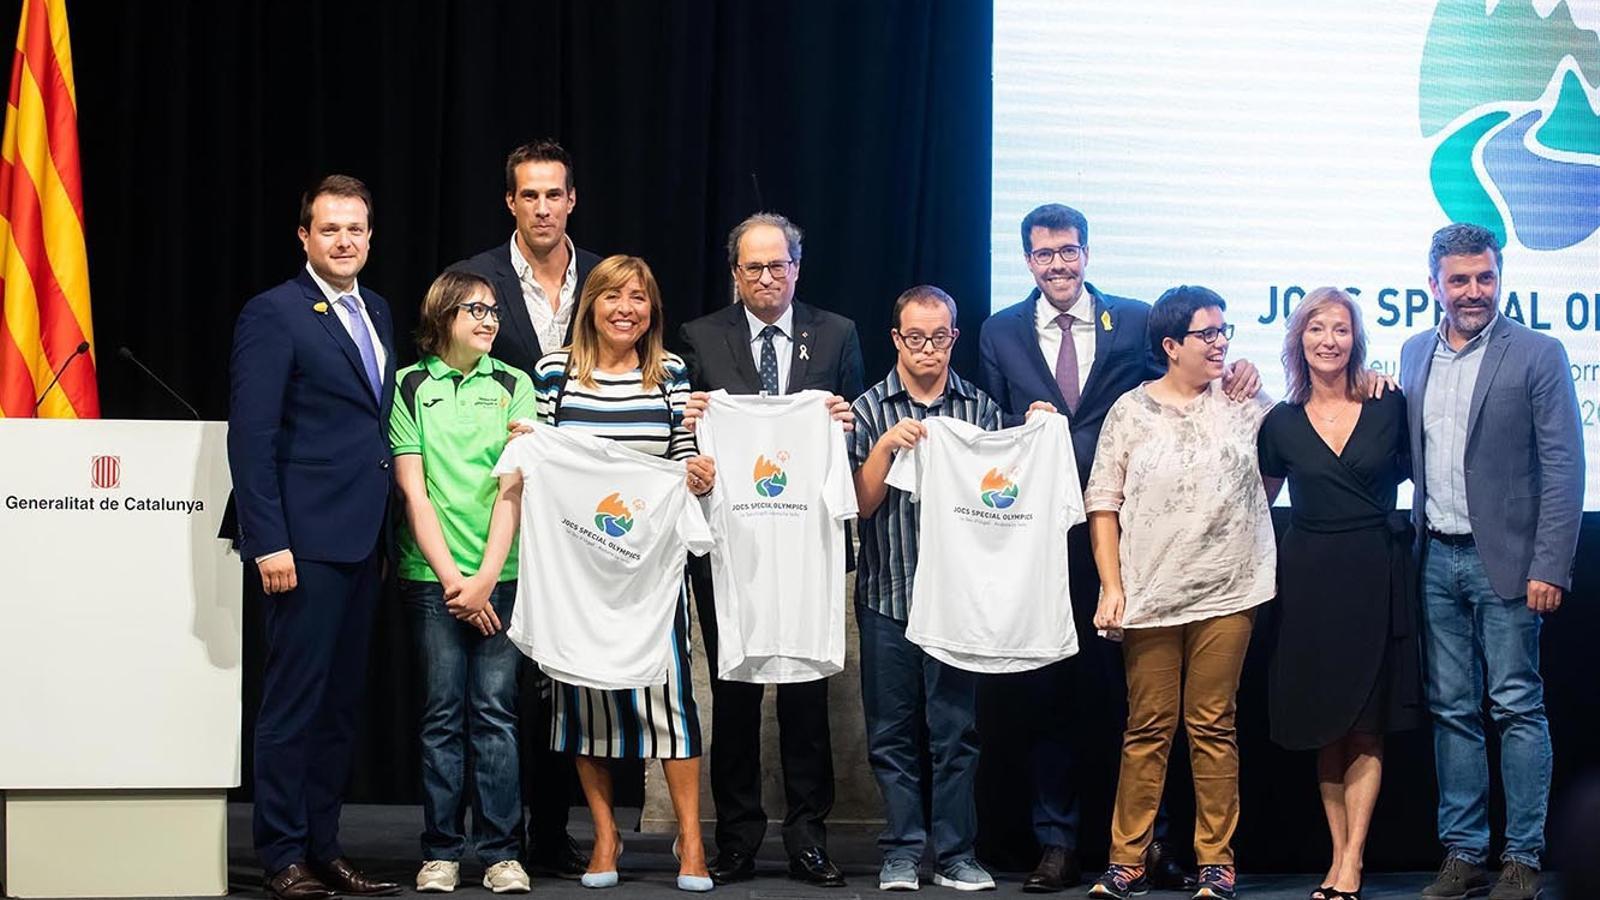 El president de la Generalitat de Catalunya, Quim Torra; l'alcalde de la Seu d'Urgell, Albert Batalla, i la cònsol major d'Andorra la Vella, Conxita Marsol, amb representants dels jocs Special Olympics en la presentació de l'esdeveniment. / COMÚ D'ANDORRA LA VELLA